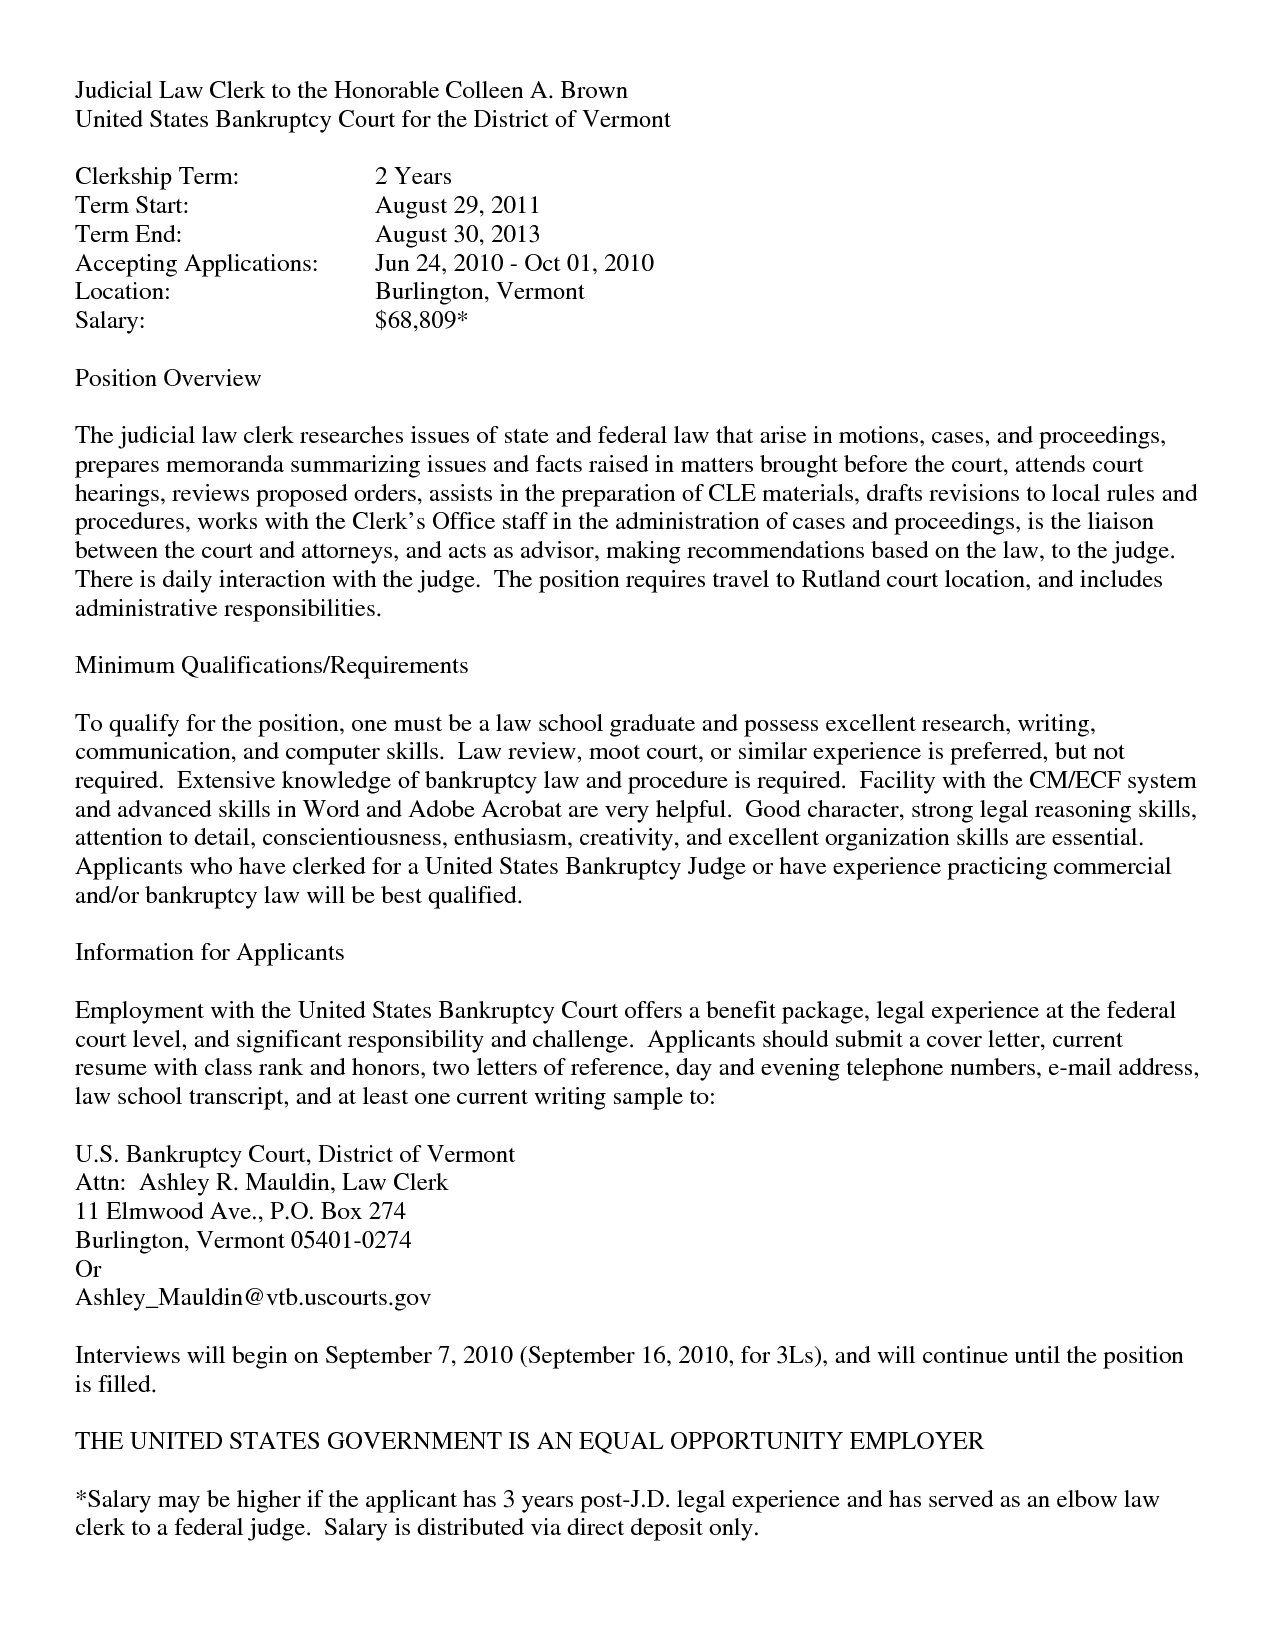 job cover letter ending